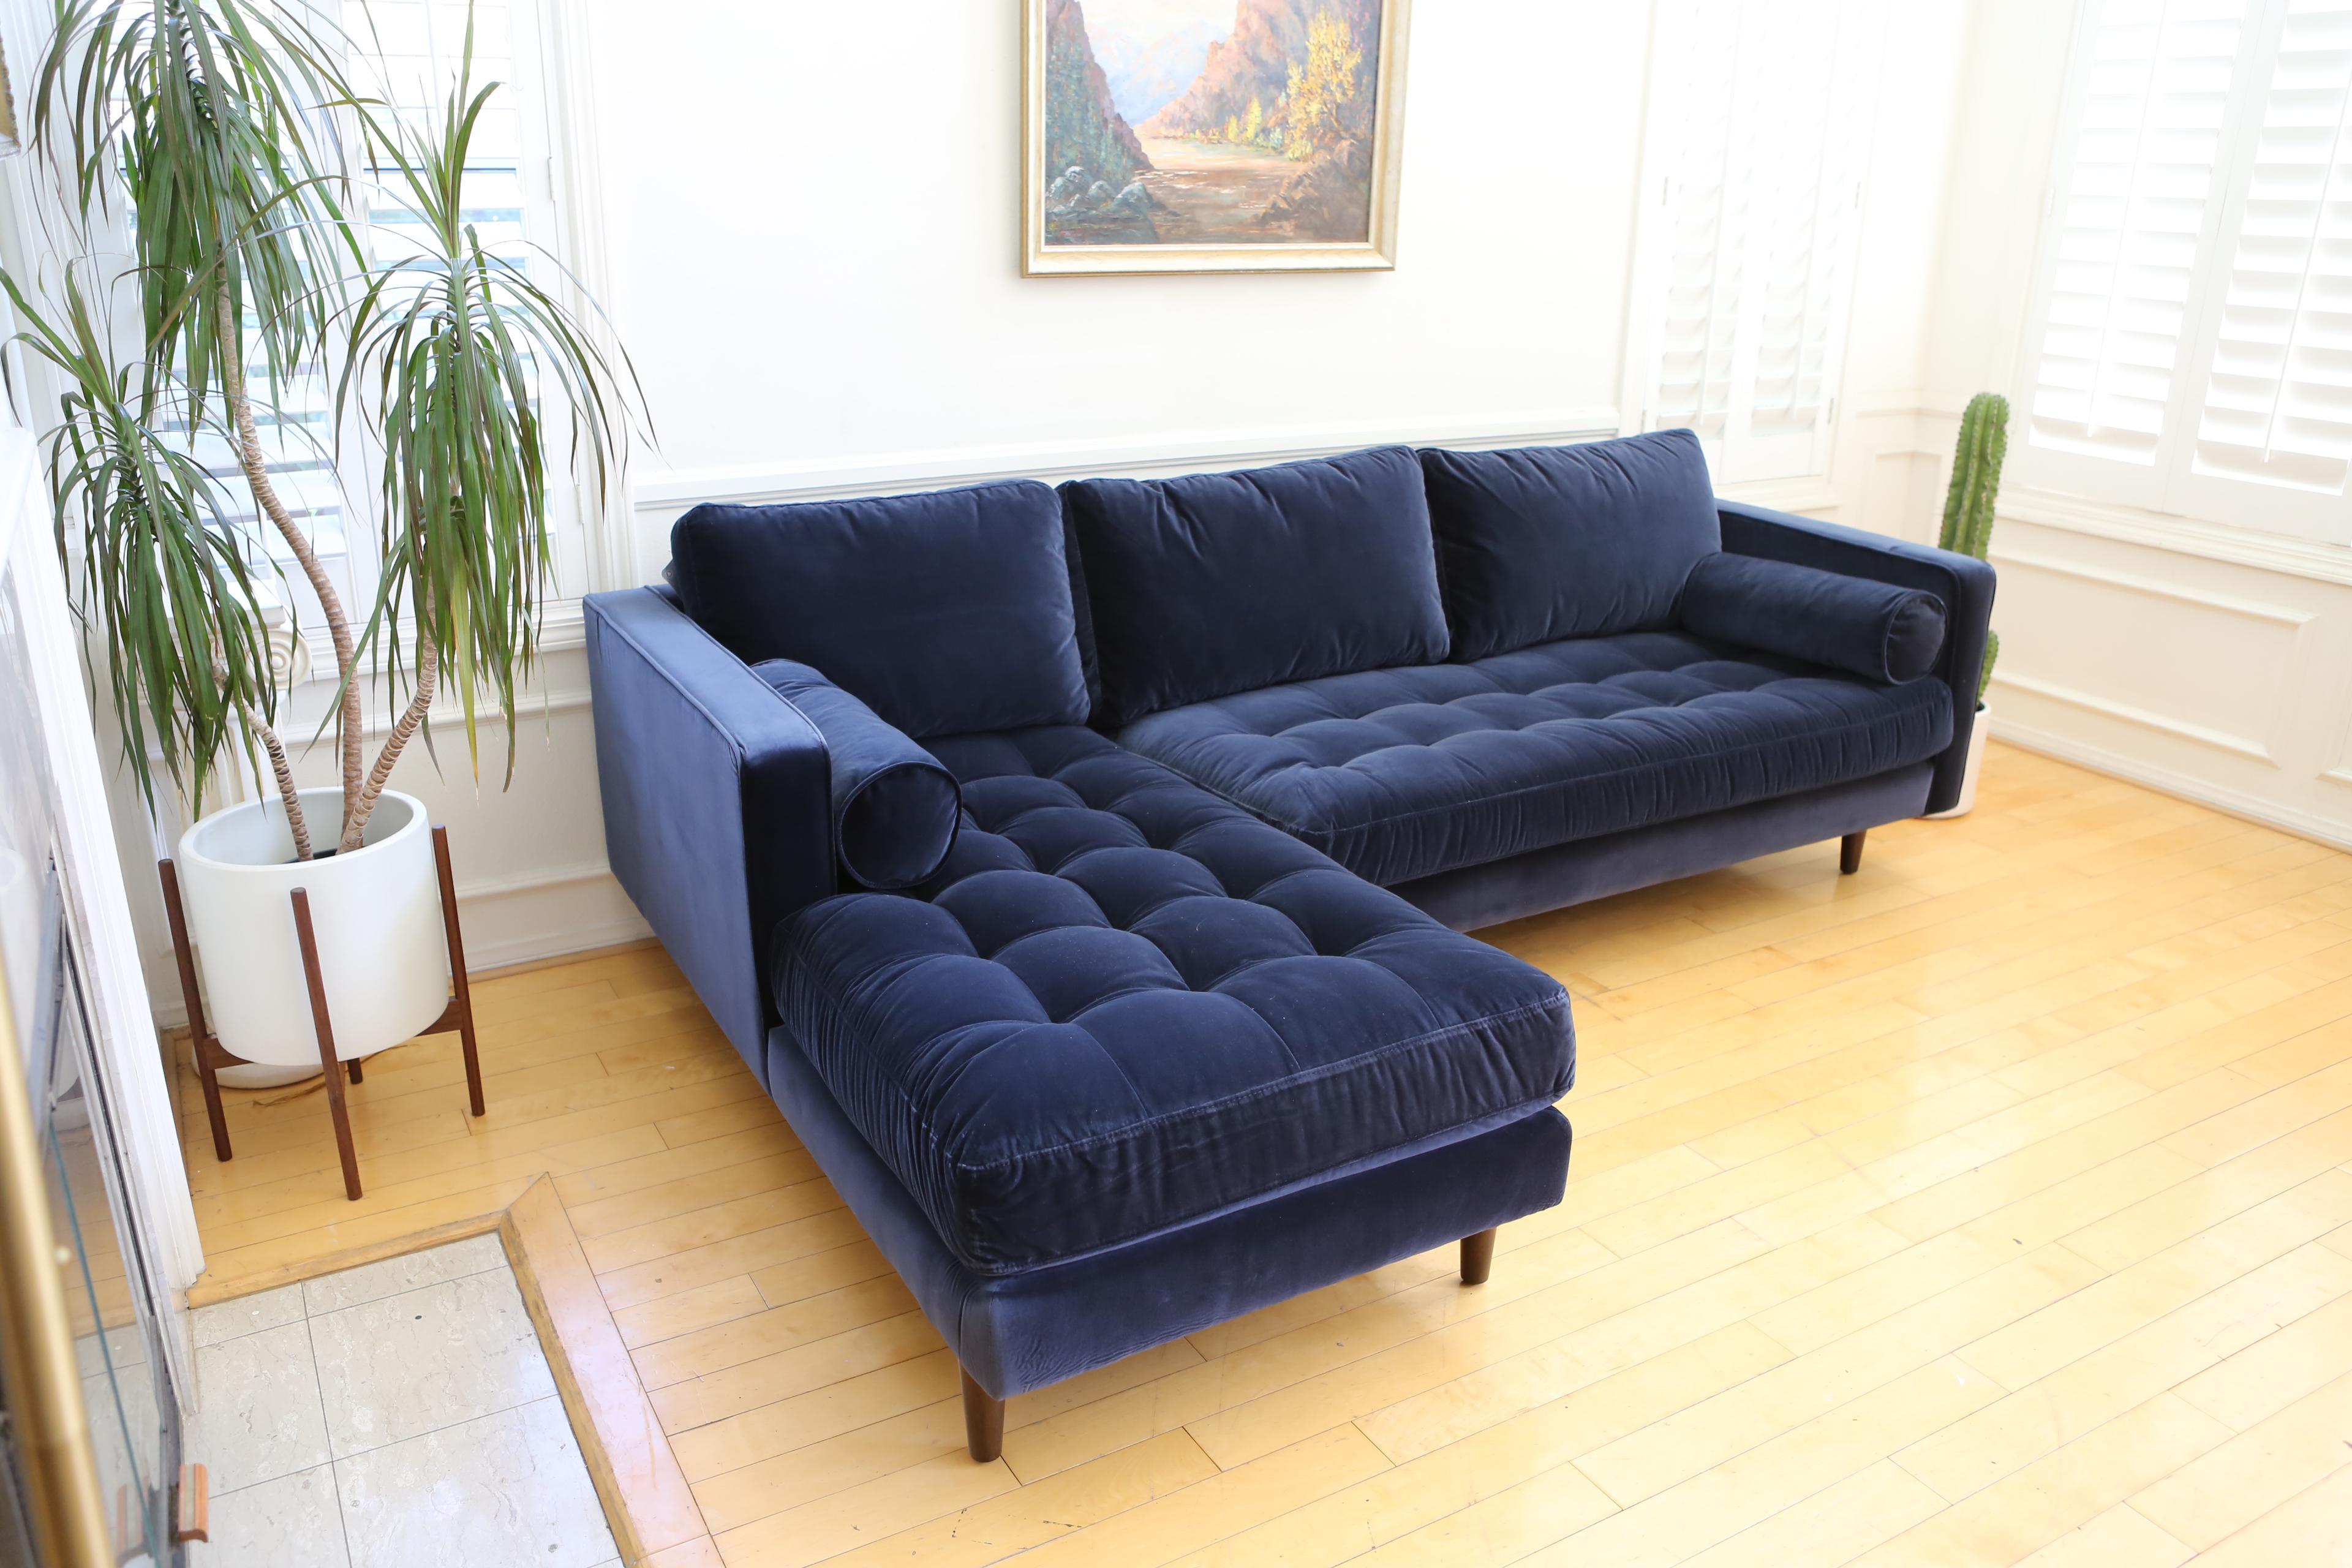 Favorite Mid Century Modern Navy Blue Velvet Sectional Sofa | Chairish HF41